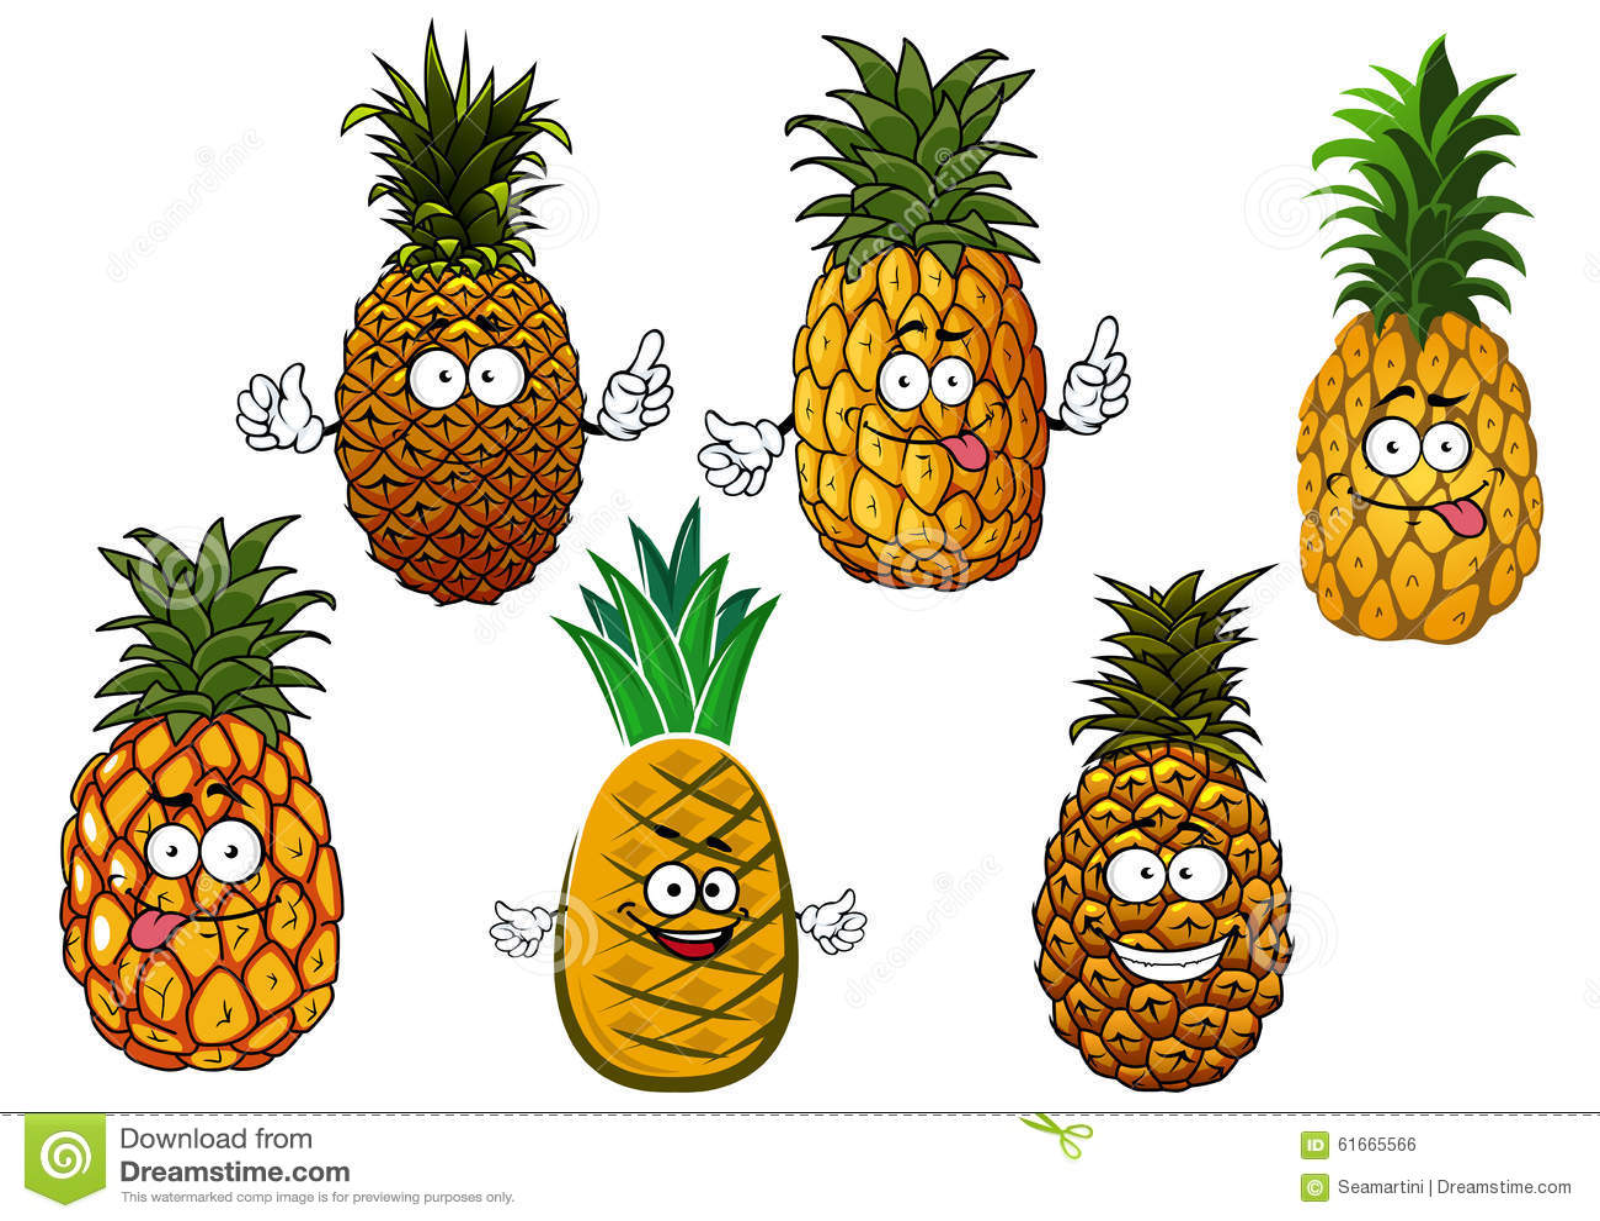 l 39 ananas juteux porte des fruits des personnages de dessin anim illustration de vecteur image. Black Bedroom Furniture Sets. Home Design Ideas